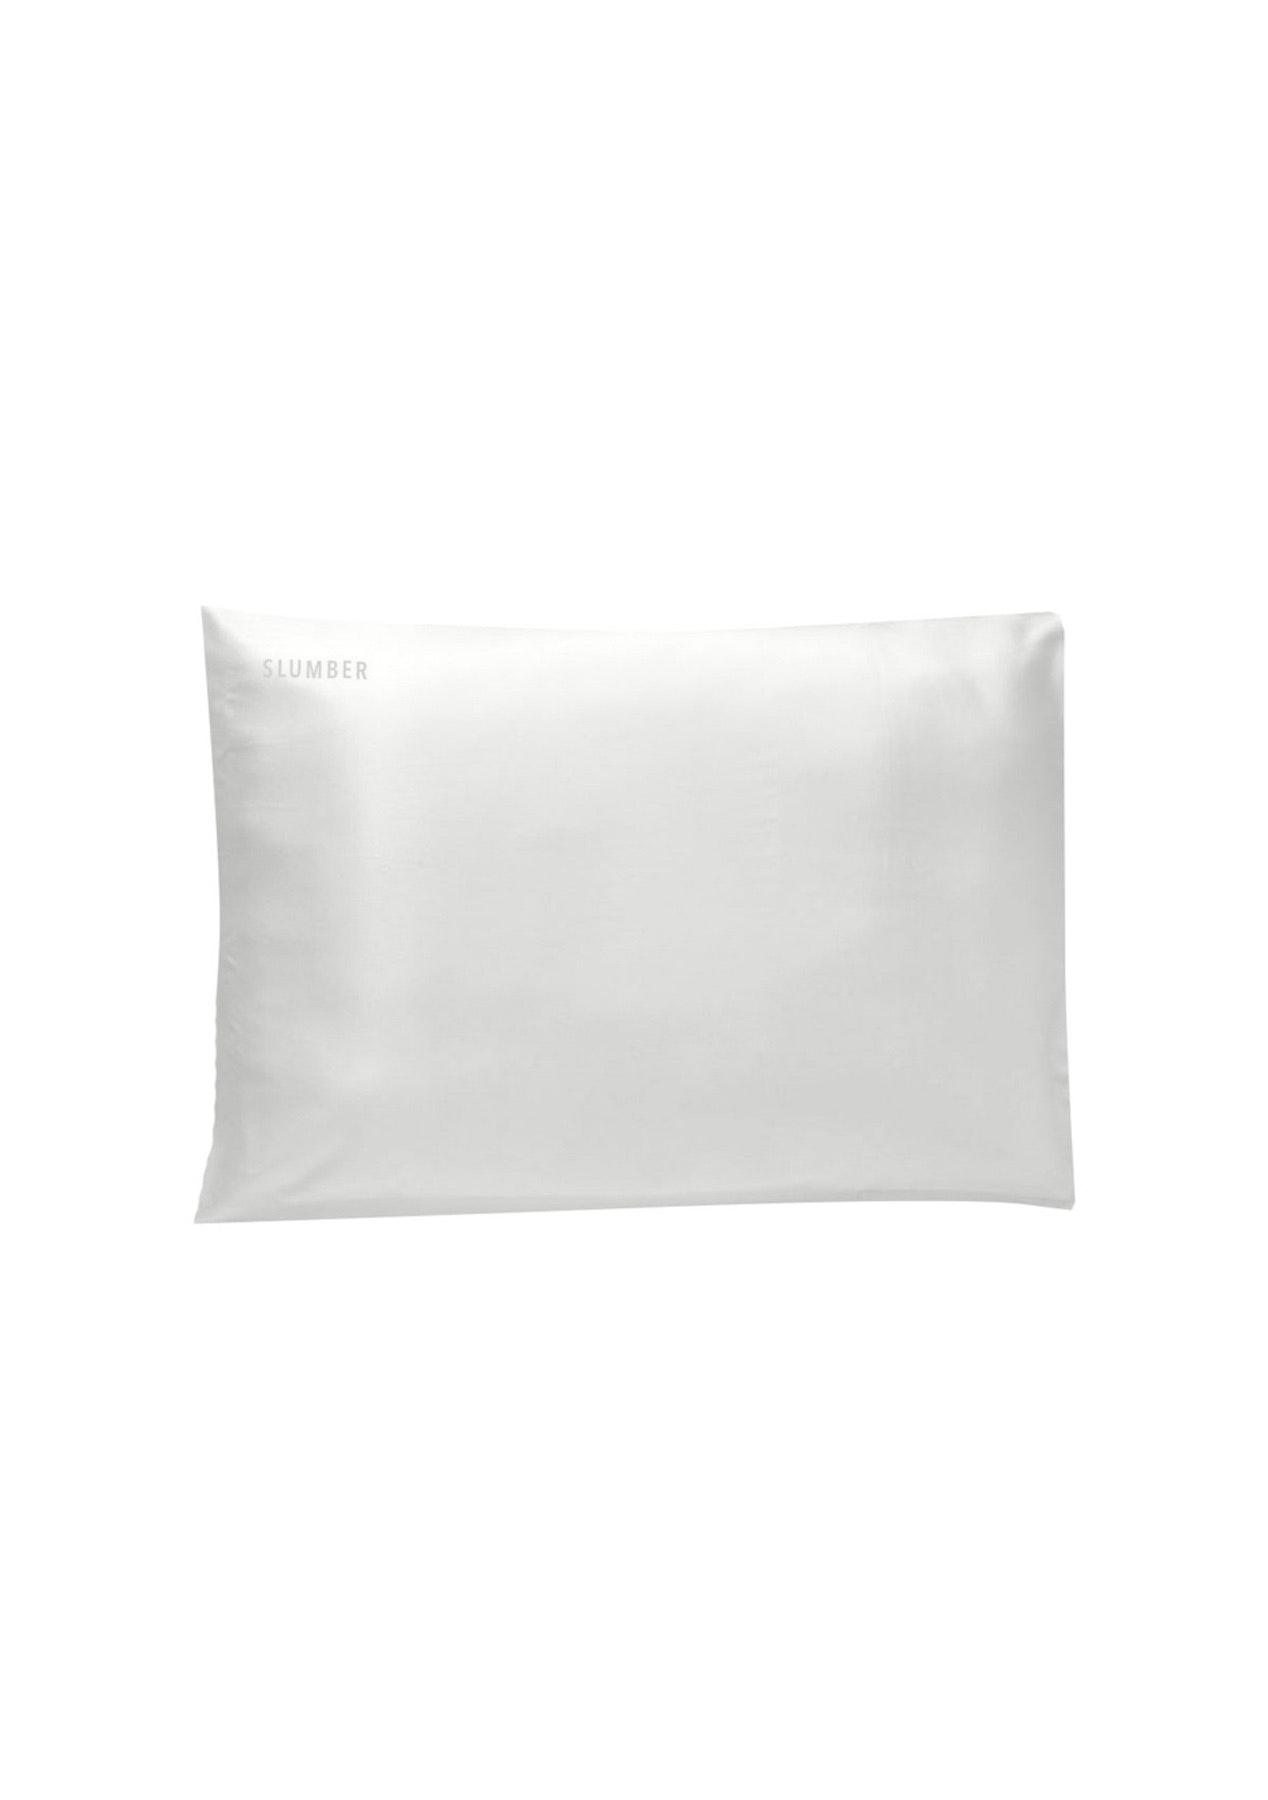 SLUMBER 100% SILK PILLOWCASE - Off White